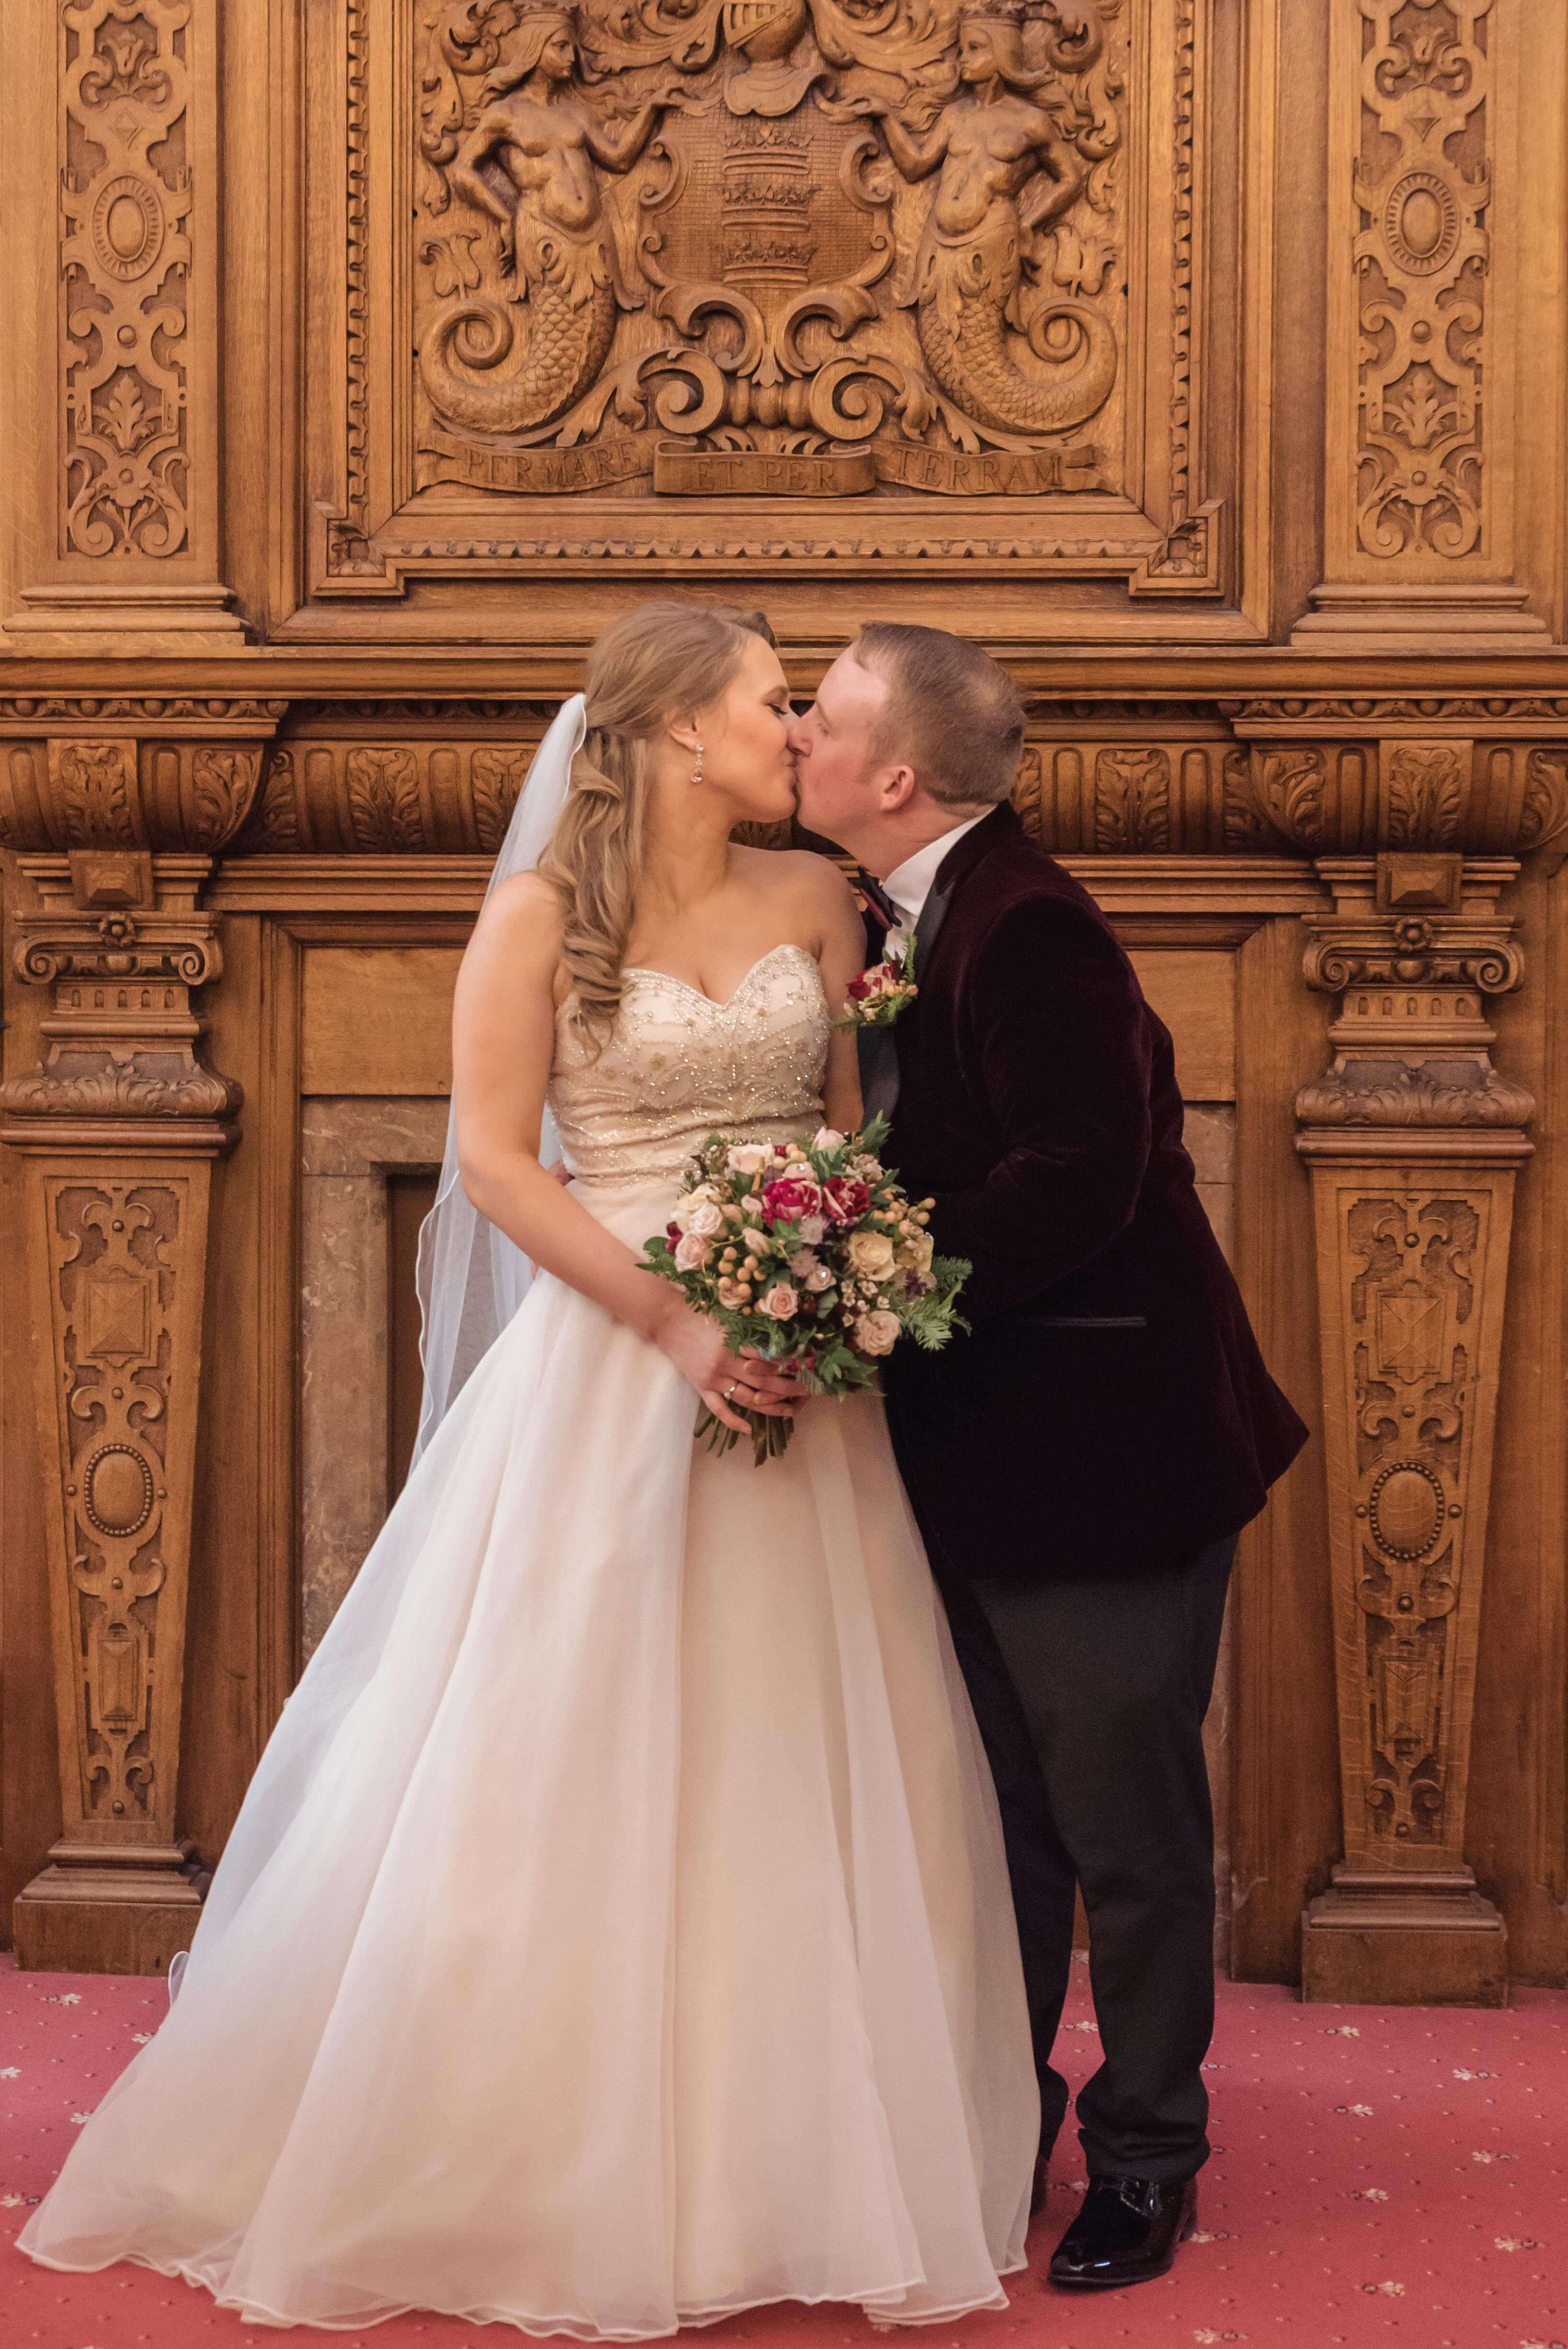 Carters Winter Wedding 23 01 2018 12